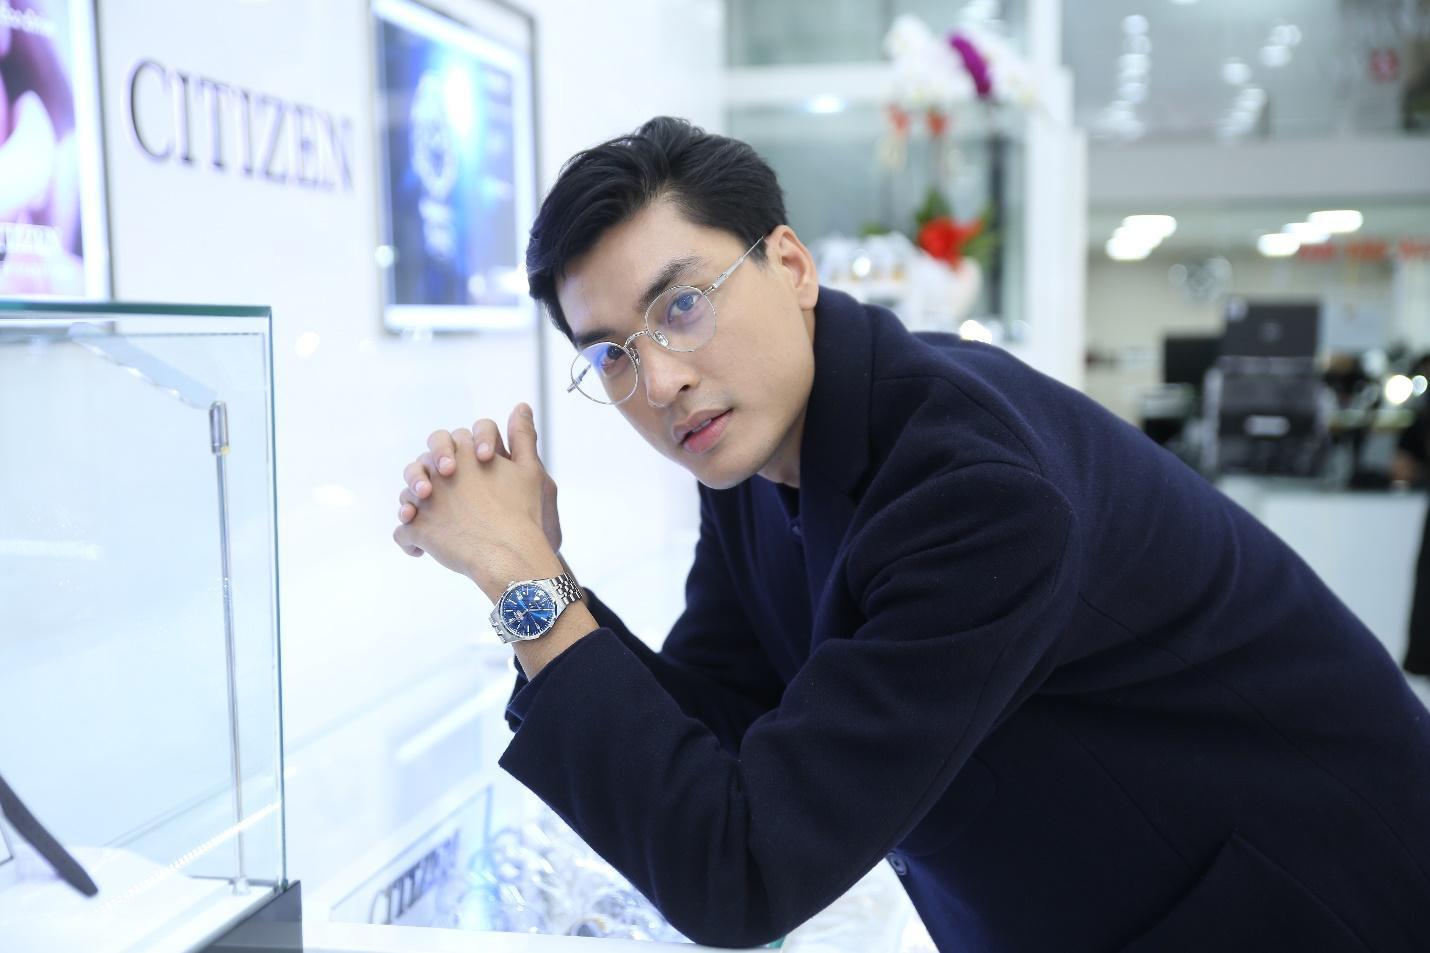 Châu Bùi, Quang Đại khoe thần thái trong sự kiện ra mắt BST mới từ CITIZEN - Ảnh 5.